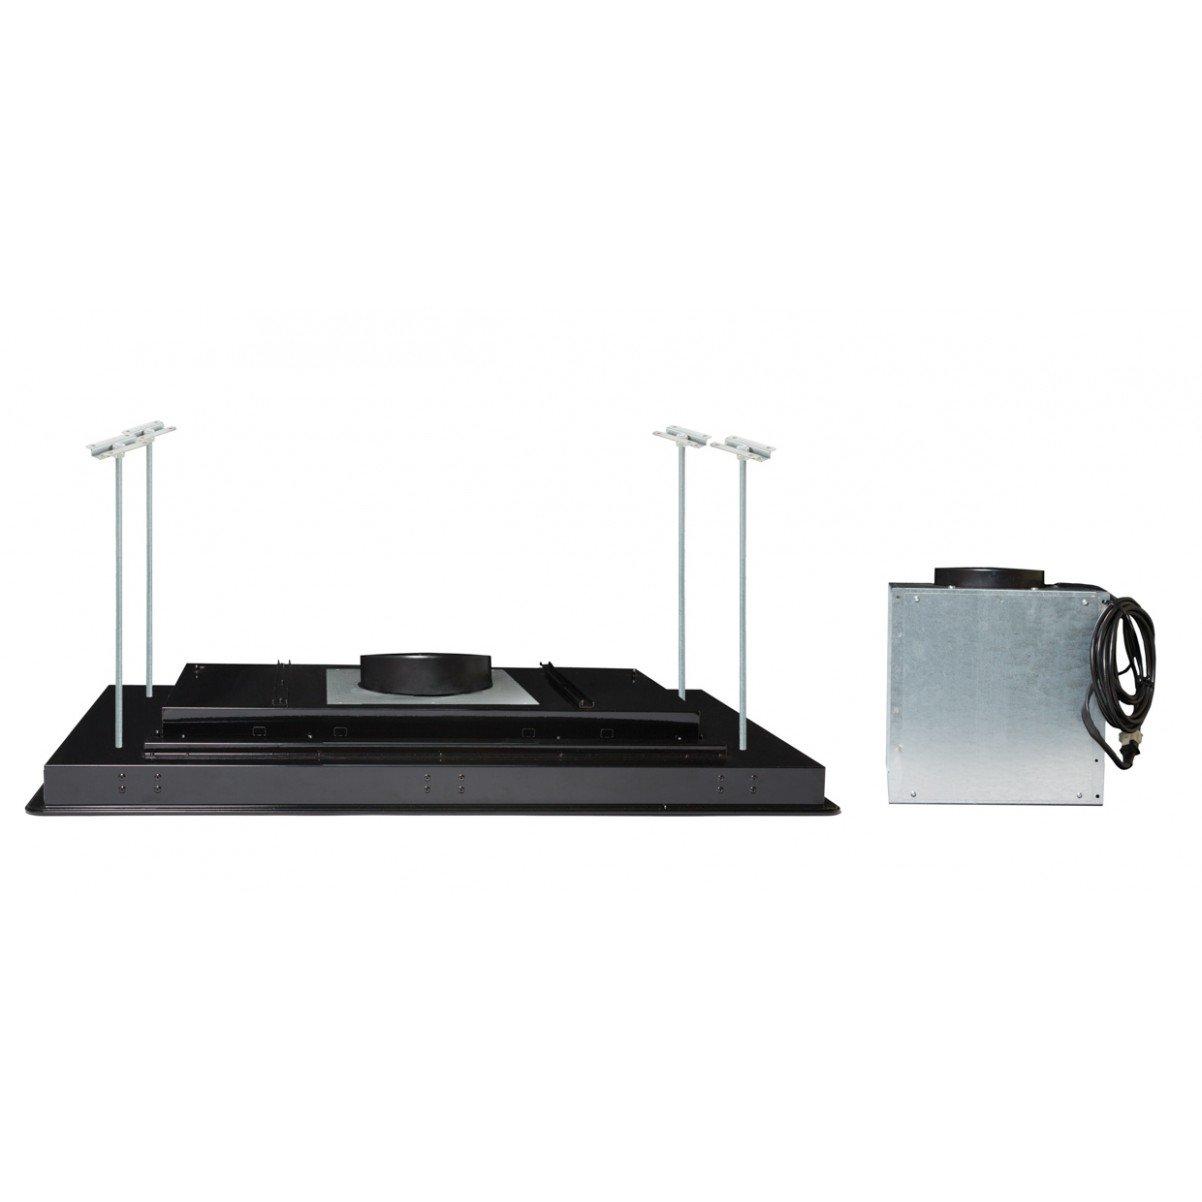 Tak-integrerad köksfläkt FUTURE svart glas 96cm / 120 cm